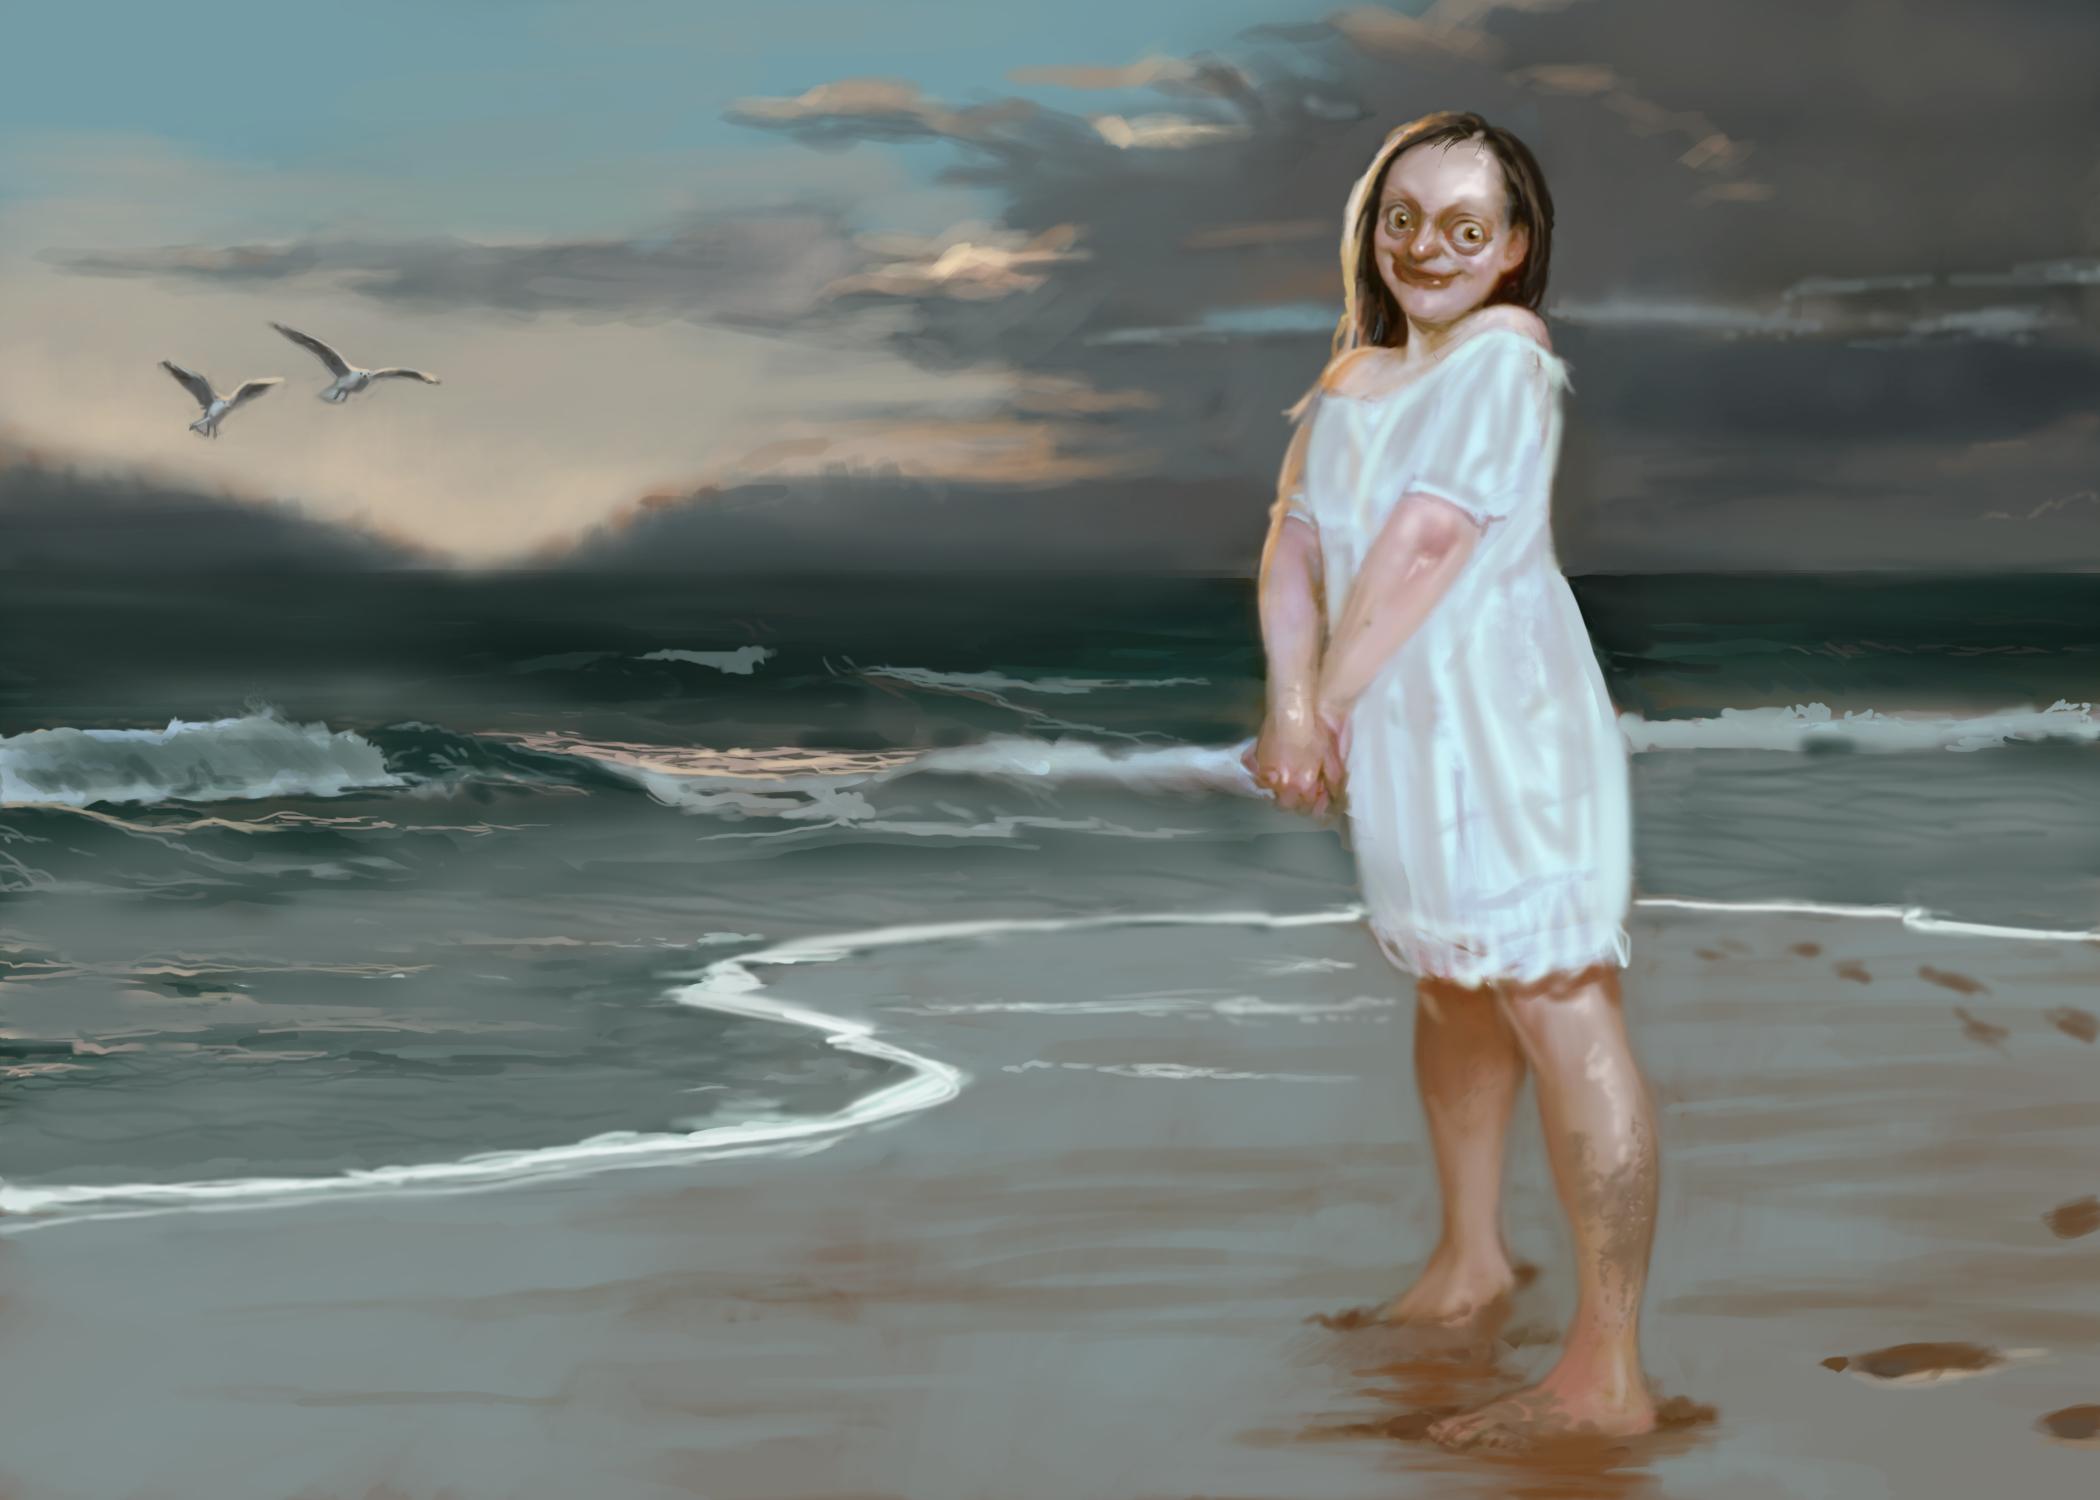 Innsmouth Girl Artwork by Doruk Golcu